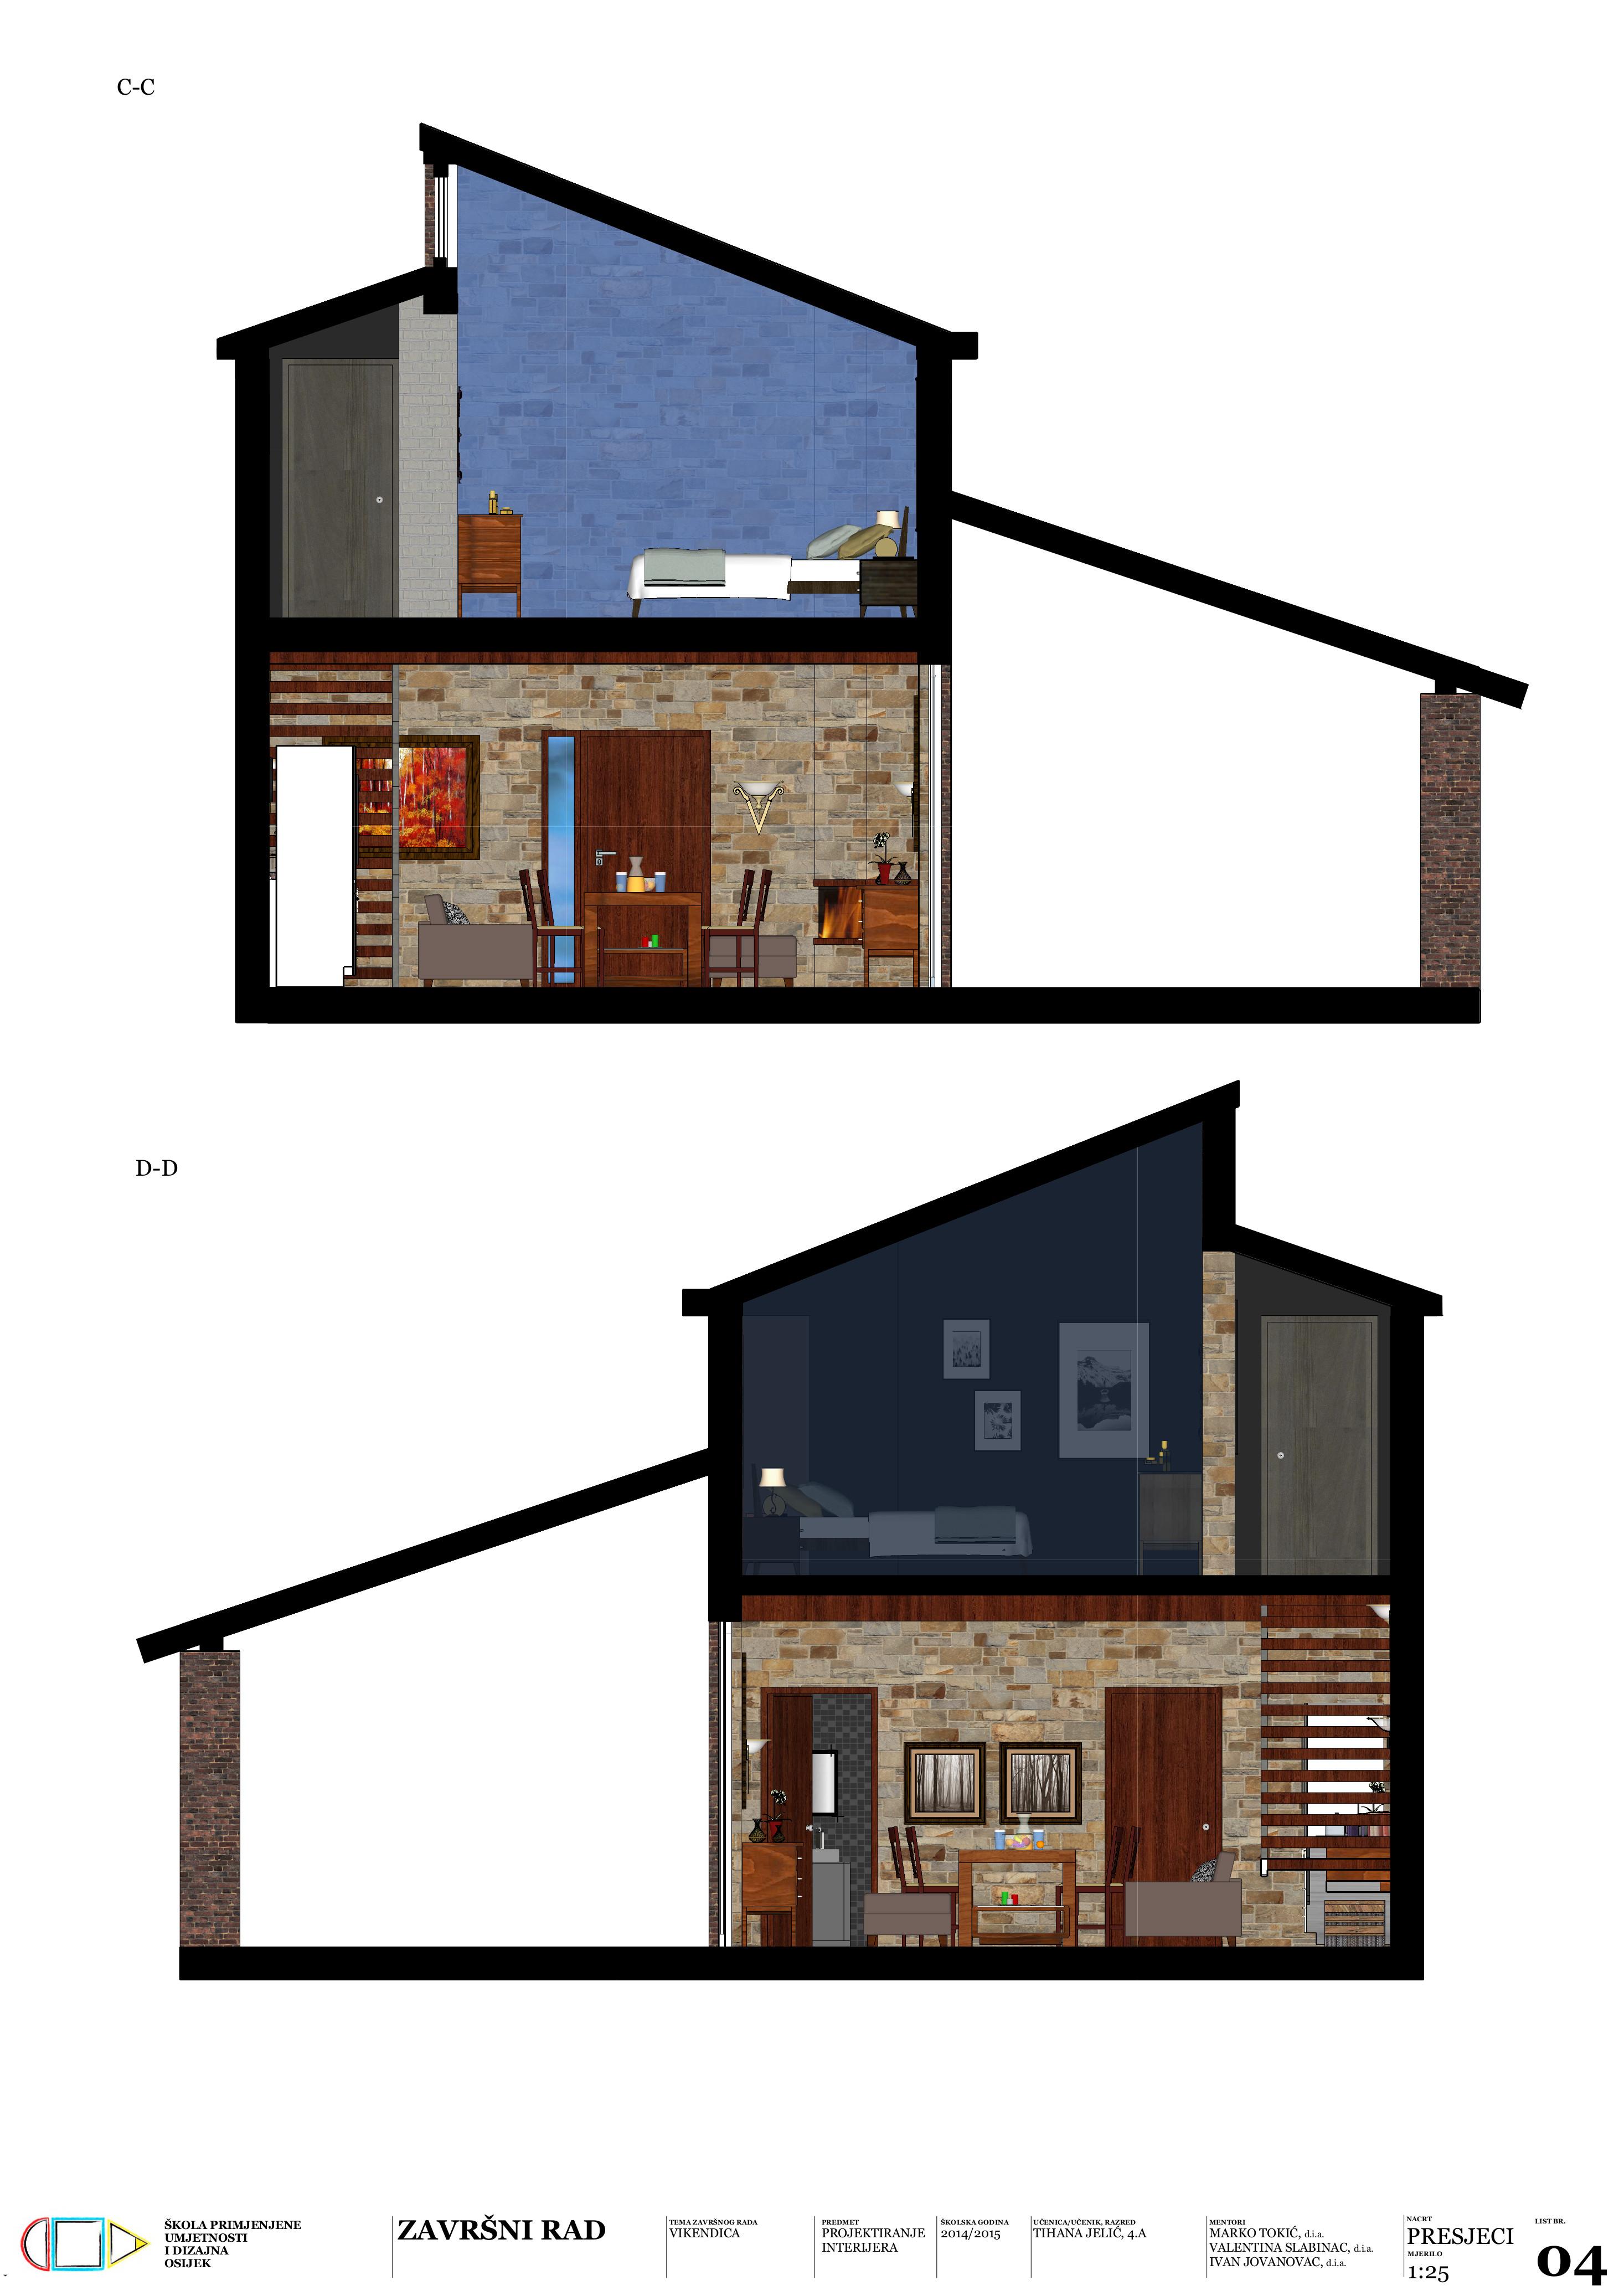 Vikendica : Završni rad je projekt redizajna postojeće kuće za odmor u prirodnom krajoliku Slavonije. Projektom se predlaže uklanjanje dijela međukatne konstrukcije od drvenih grednika i povećanje otvora na pročelju kako bi se oblikovao jedinstven i protočan prostor interijera koji je vizualno povezan s prirodnim okolišem. U radu su pretežito korišteni prirodni materijali kao drvo, kamen, opeka i boje u tonovima zemlje slavonske ravnice. Namještaj je jednostavna i funkcionalan s naglaskom na primjeni pojedinih komada namještaja izrađenim od slavonskog hrasta.